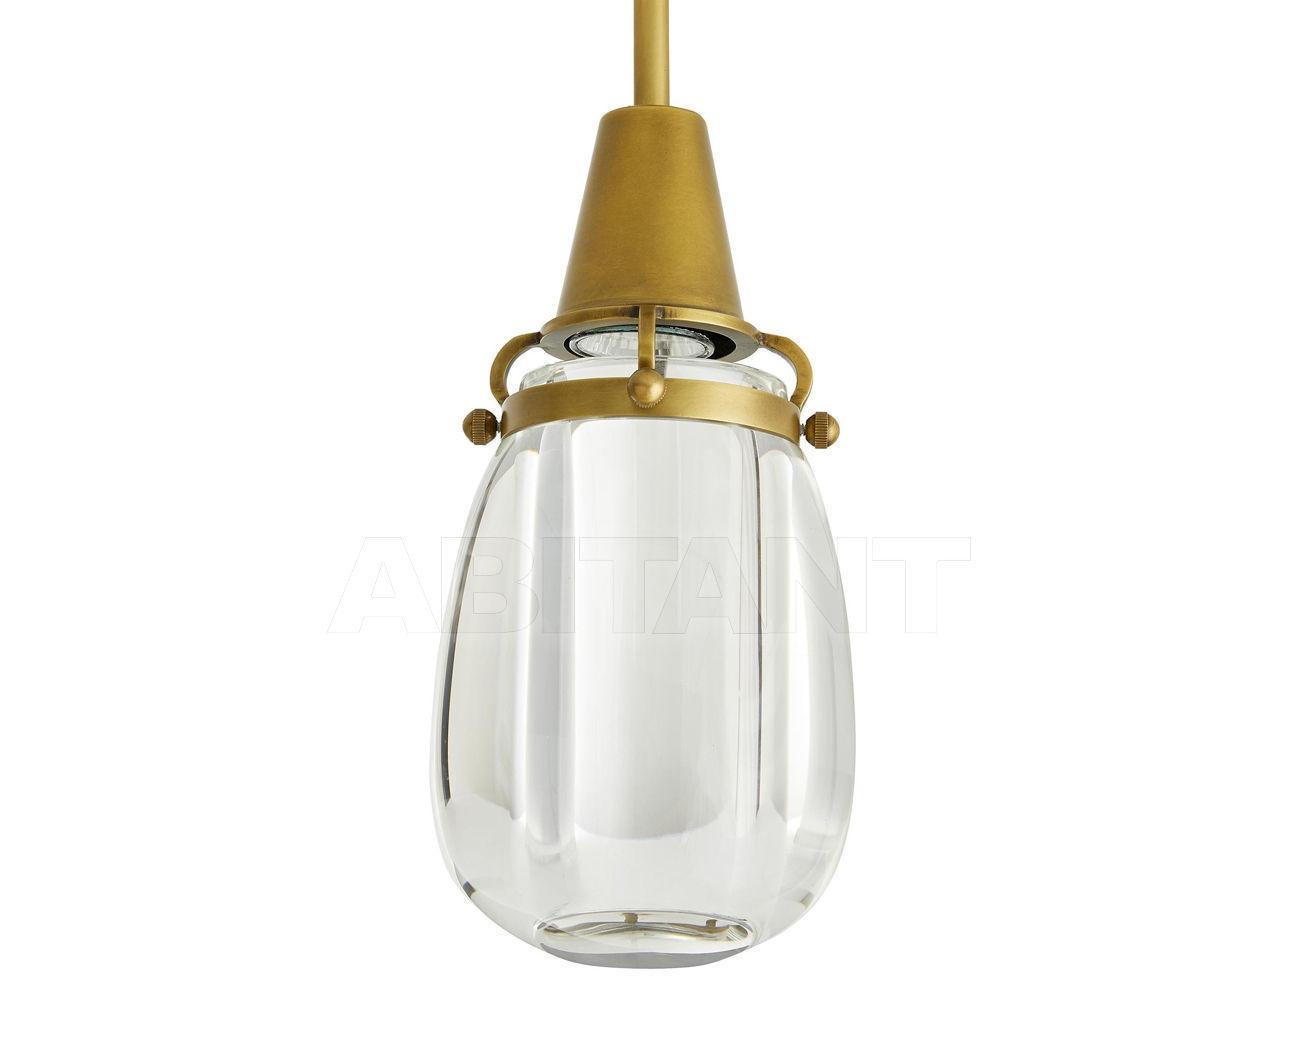 Купить Светильник Pena  Arteriors Home  LIGHTING 49242